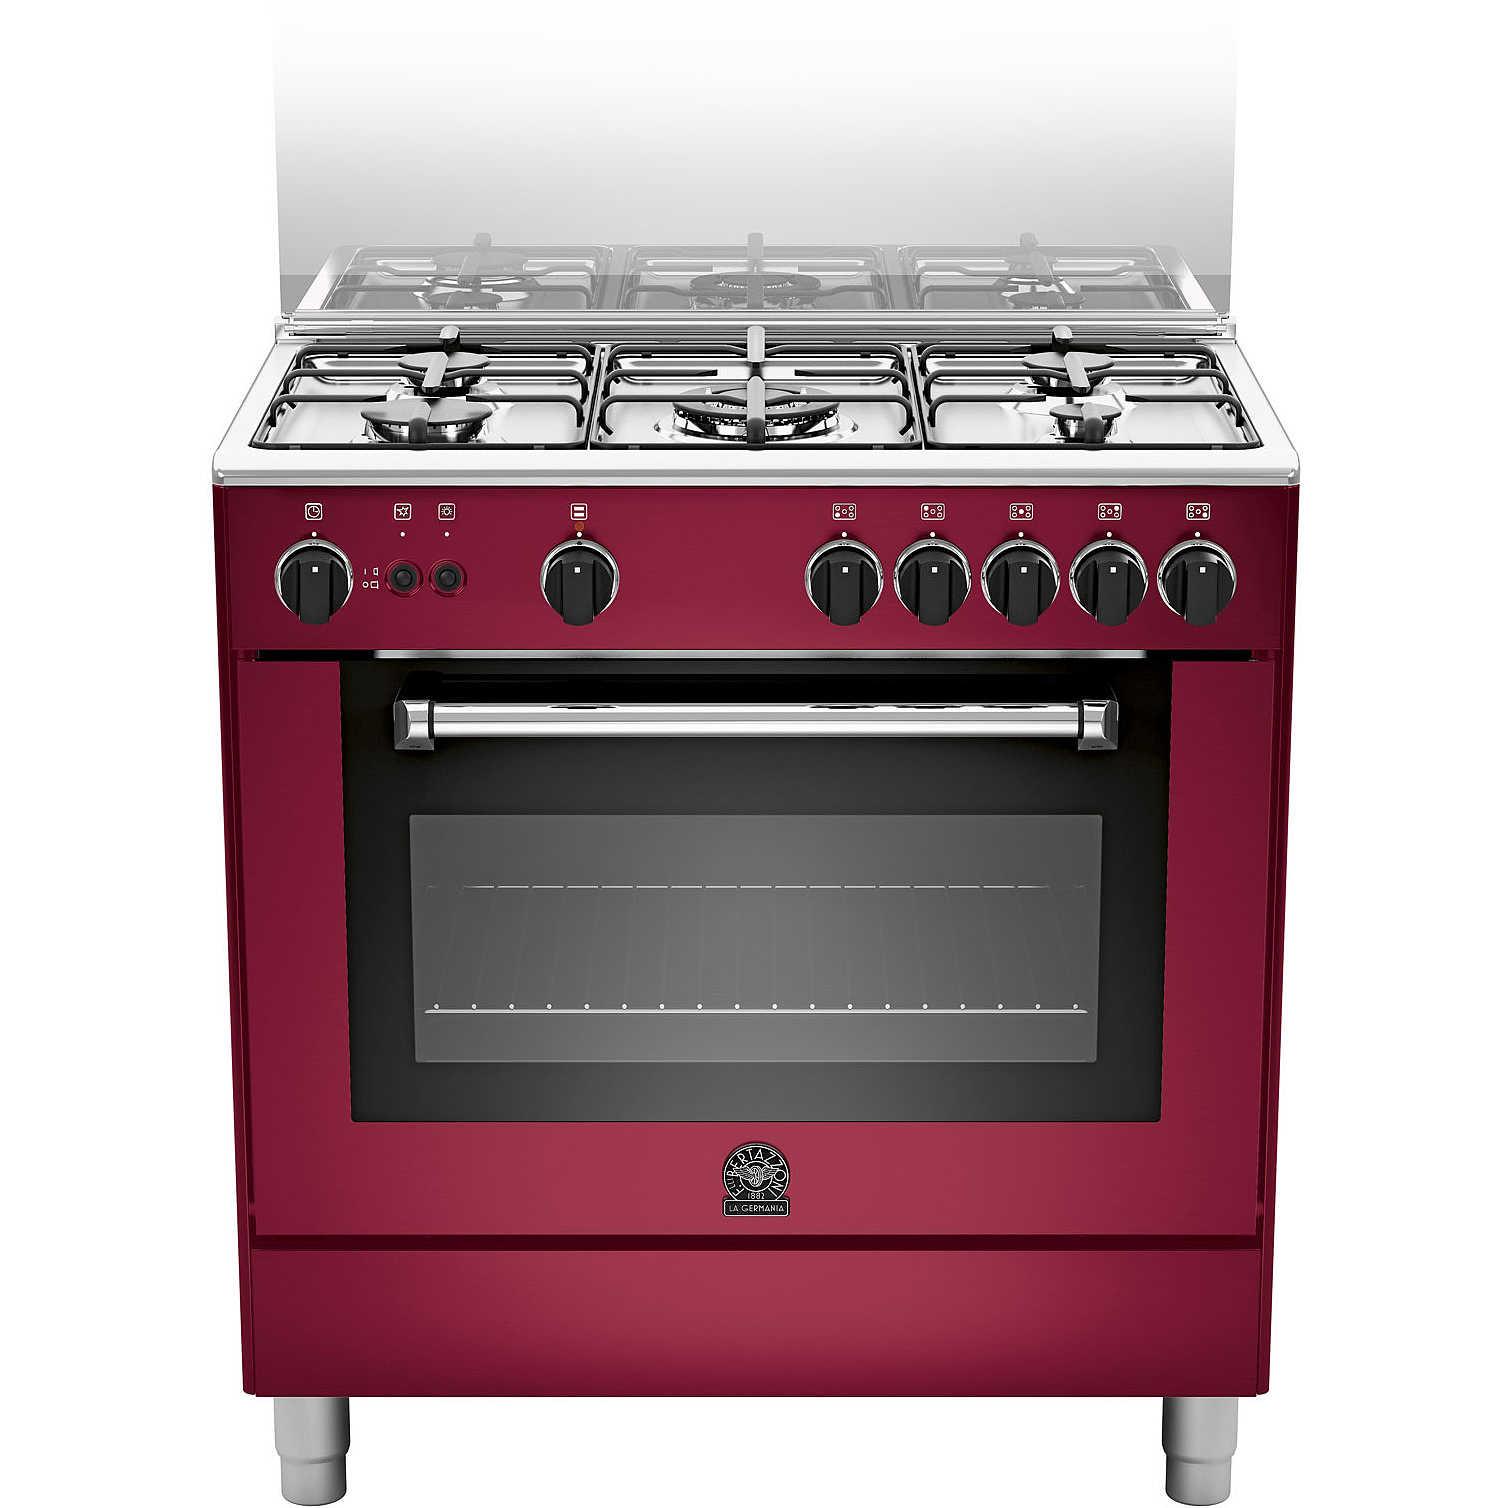 La germania amn805gevsvie cucina 80x50 5 fuochi a gas forno a gas ventilato con grill elettrico - Cucina con forno ventilato ...